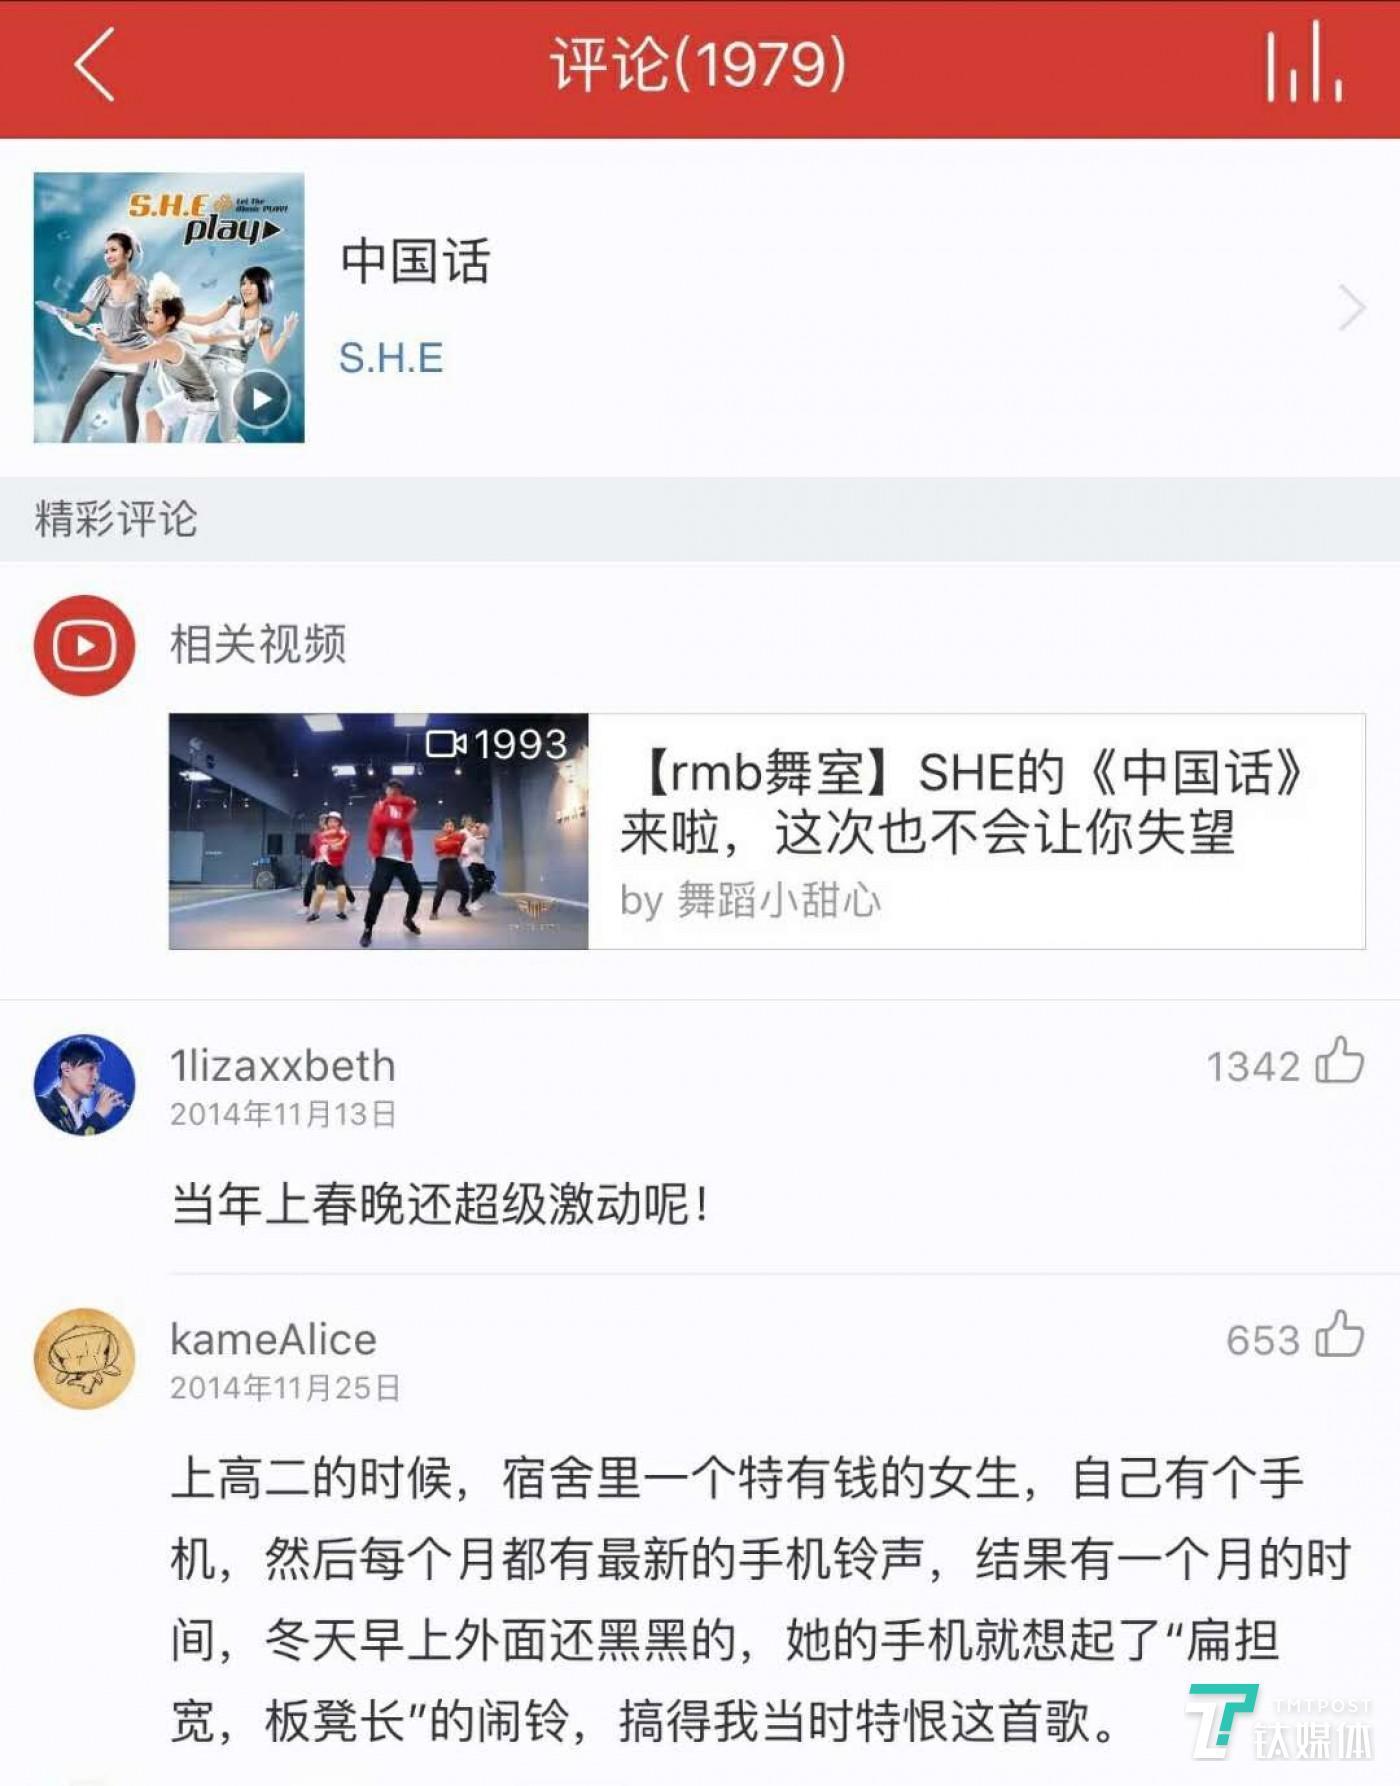 S.H.E的《中国话》在网易云音乐页面收获了高达1979条评论